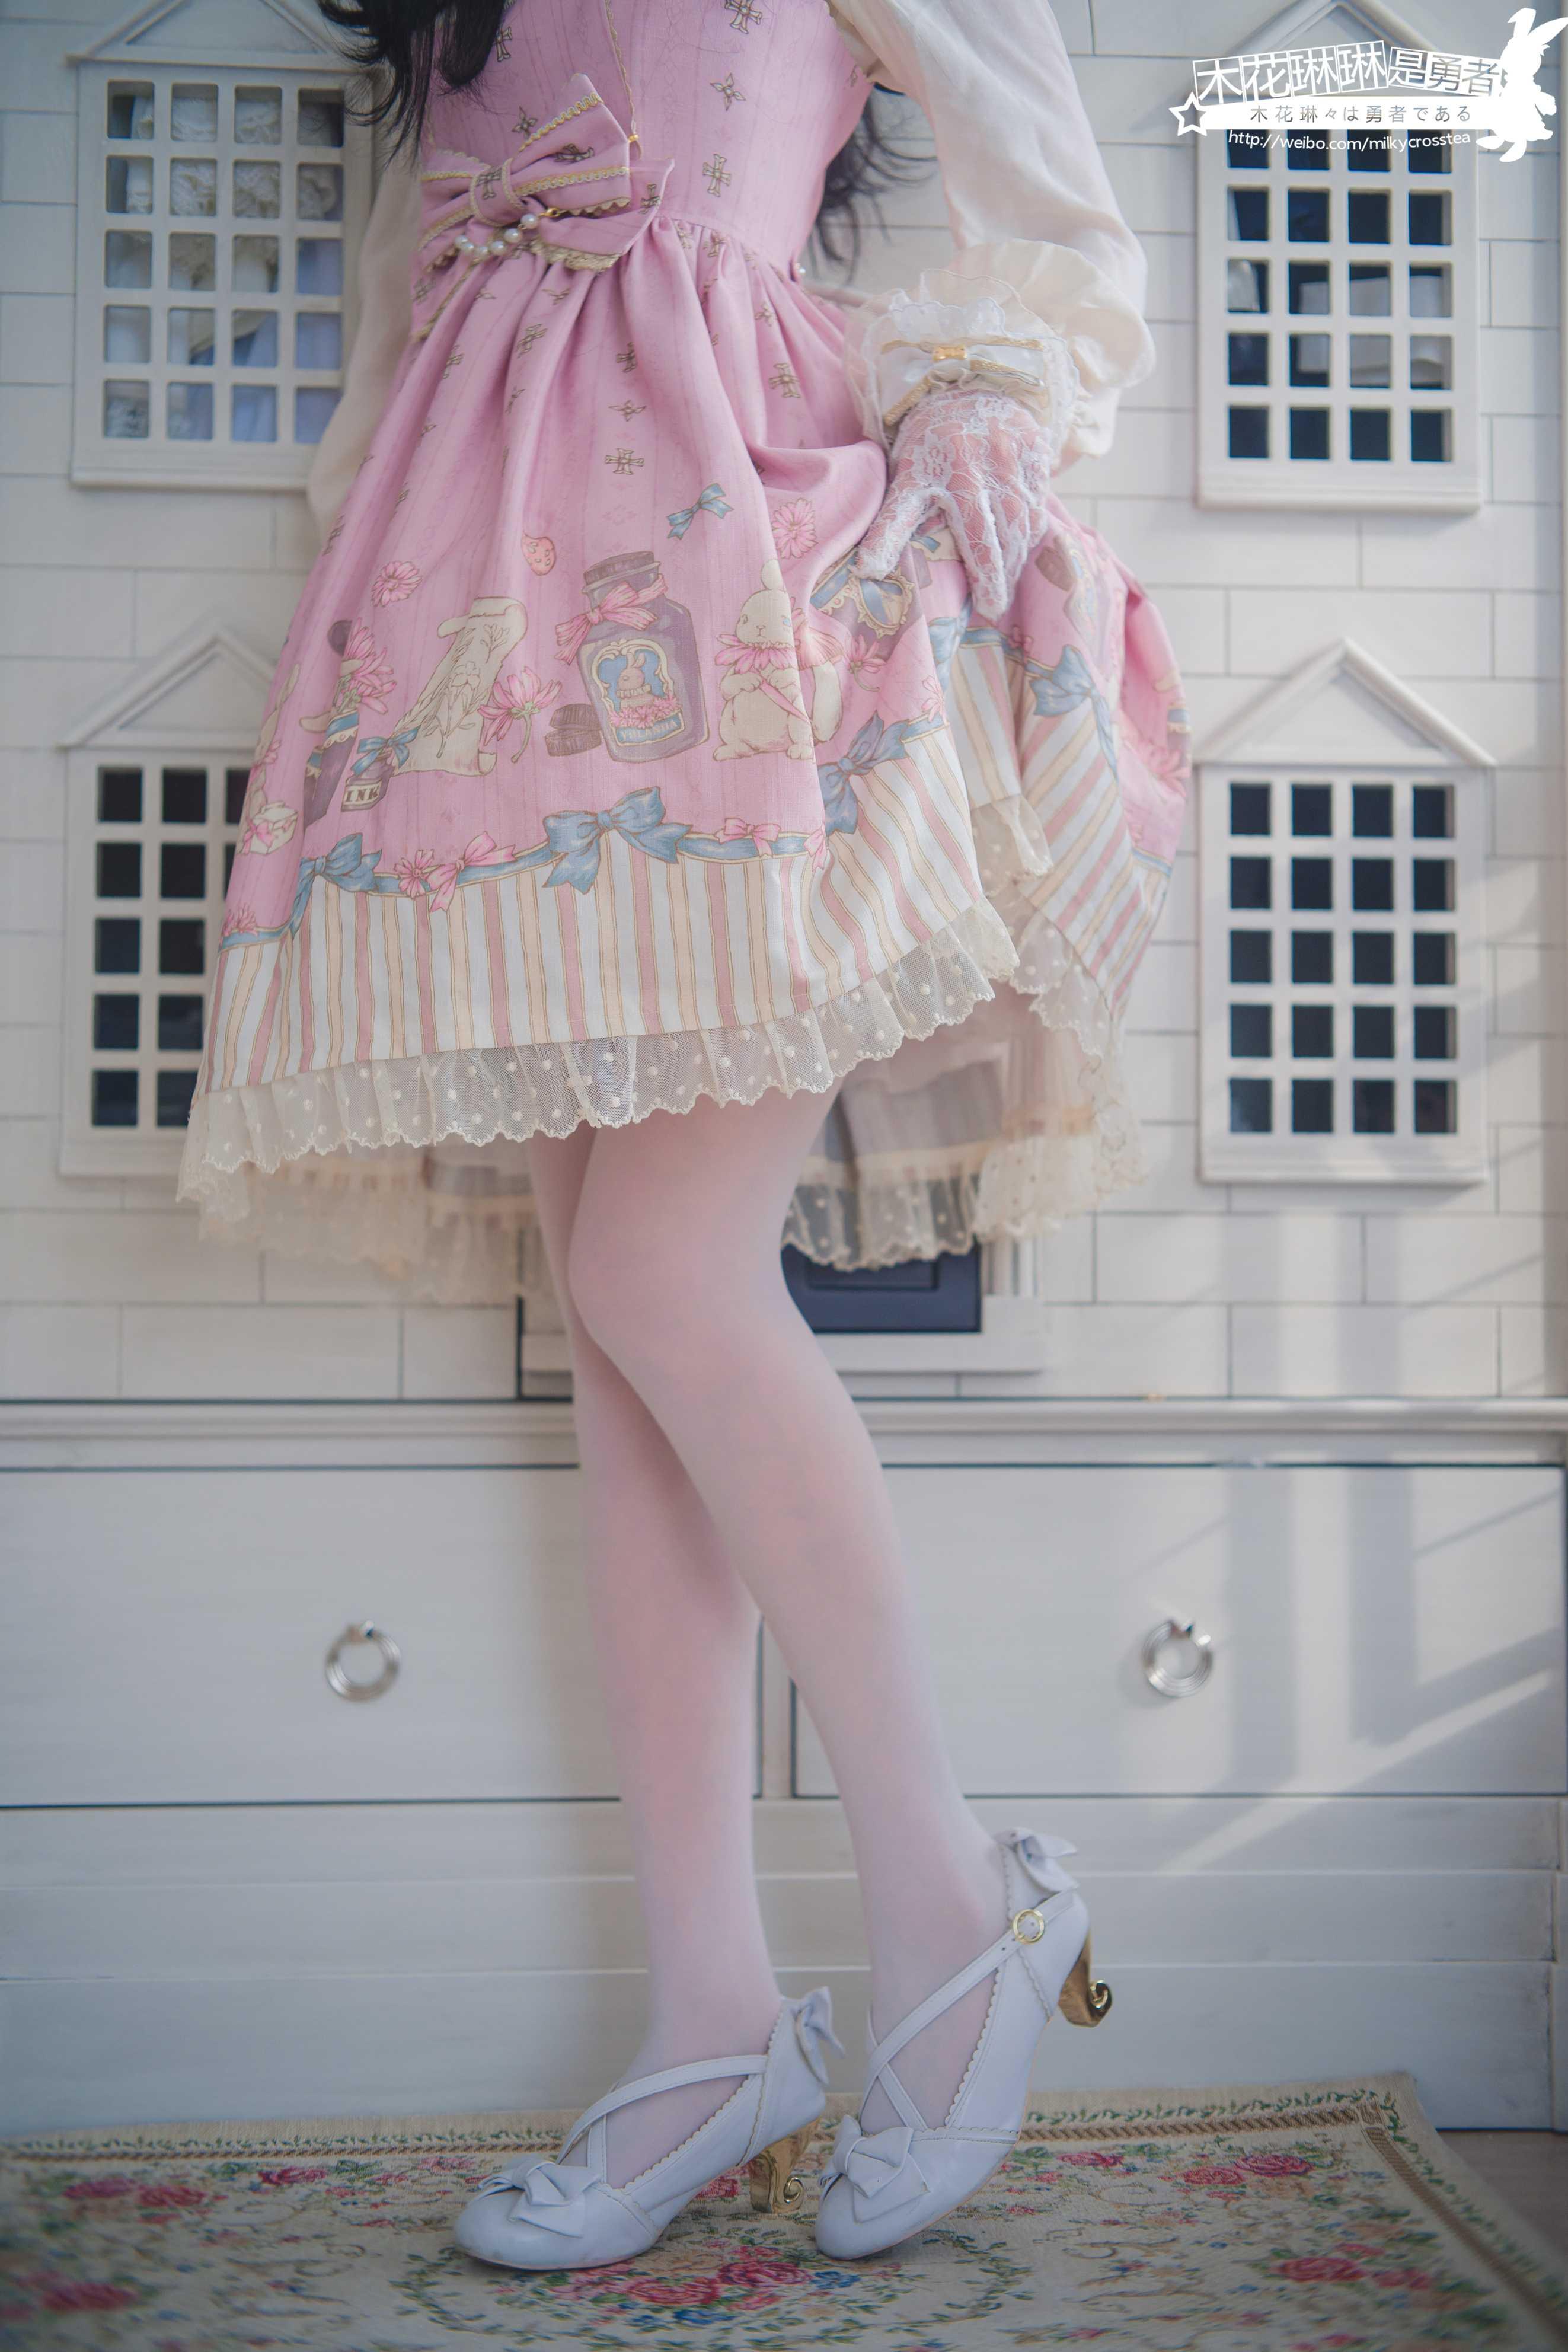 ⭐微博红人⭐木花琳琳是勇者@coser图片-勇者系列11【25P/2v/554MB】插图1